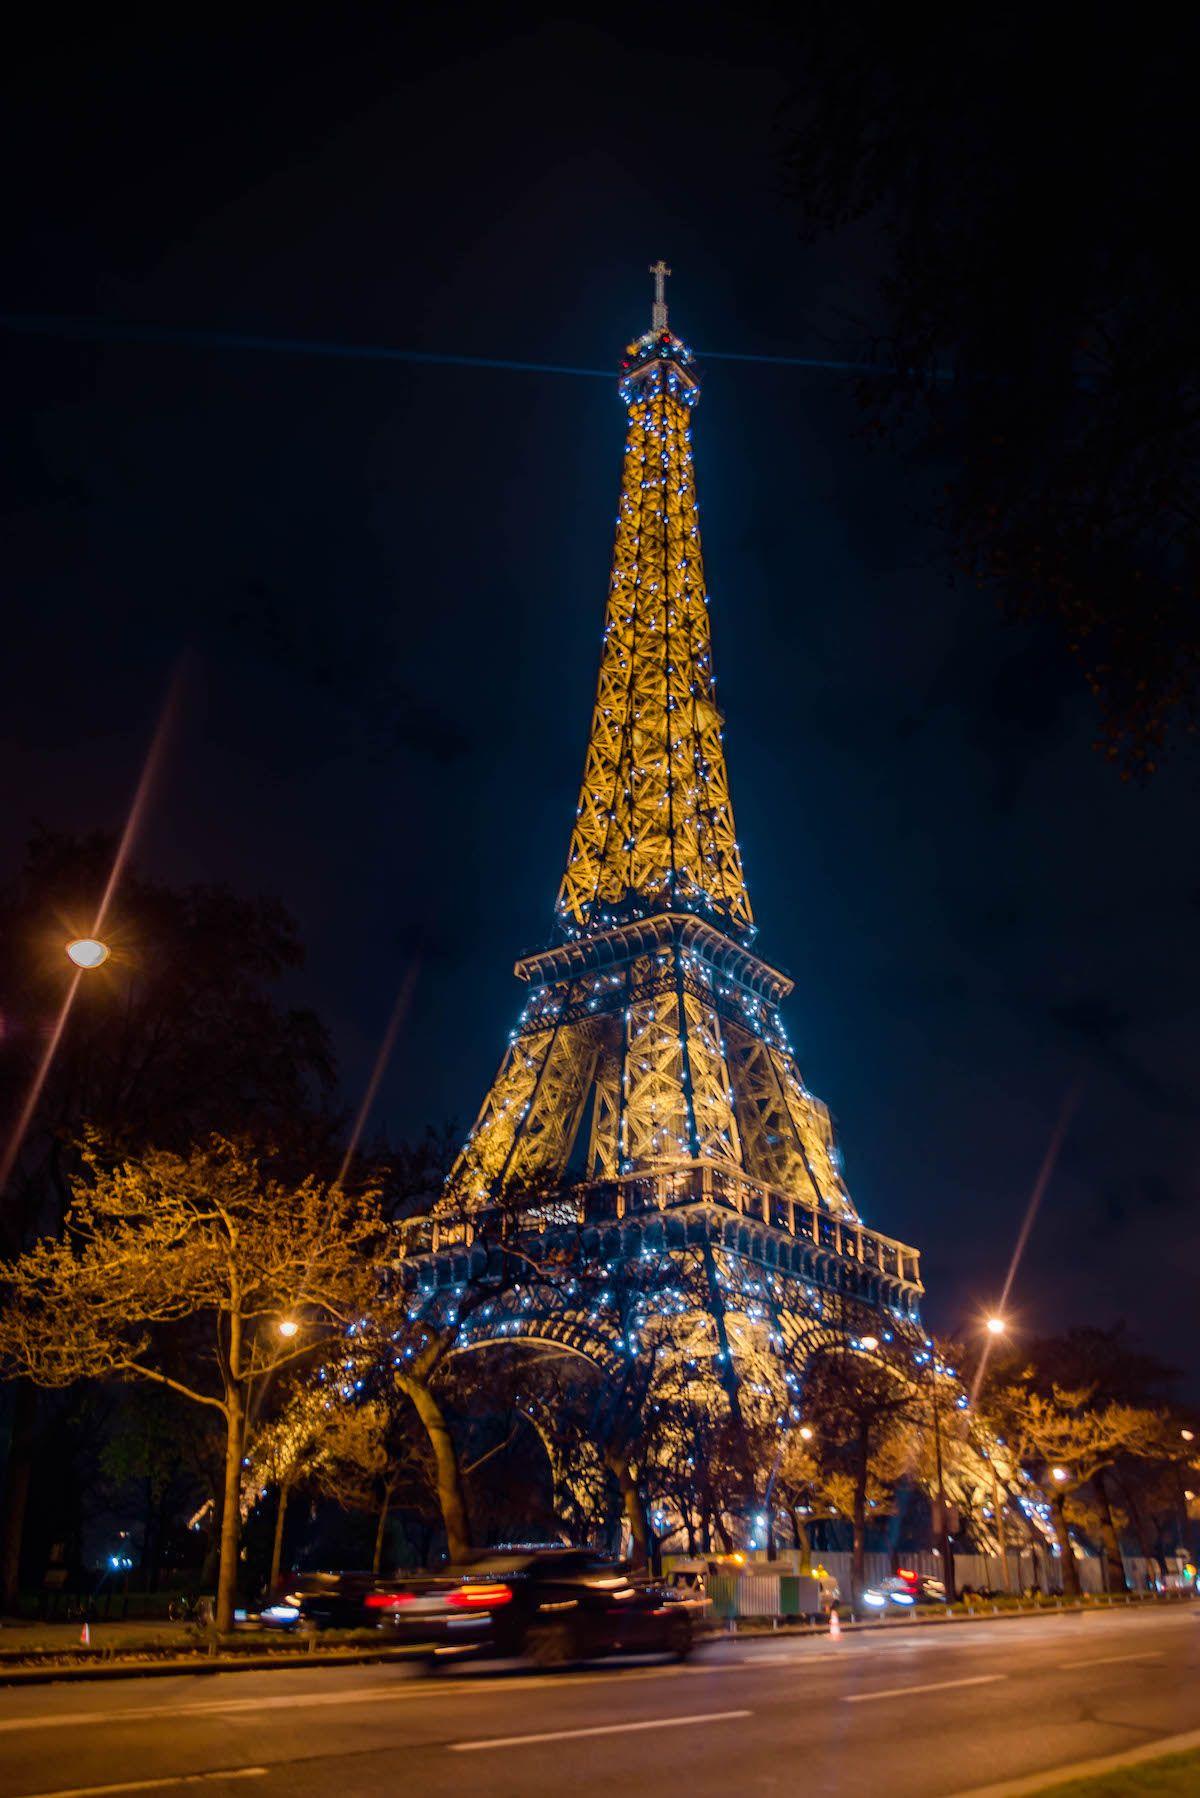 Eiffel Tower Paris France images